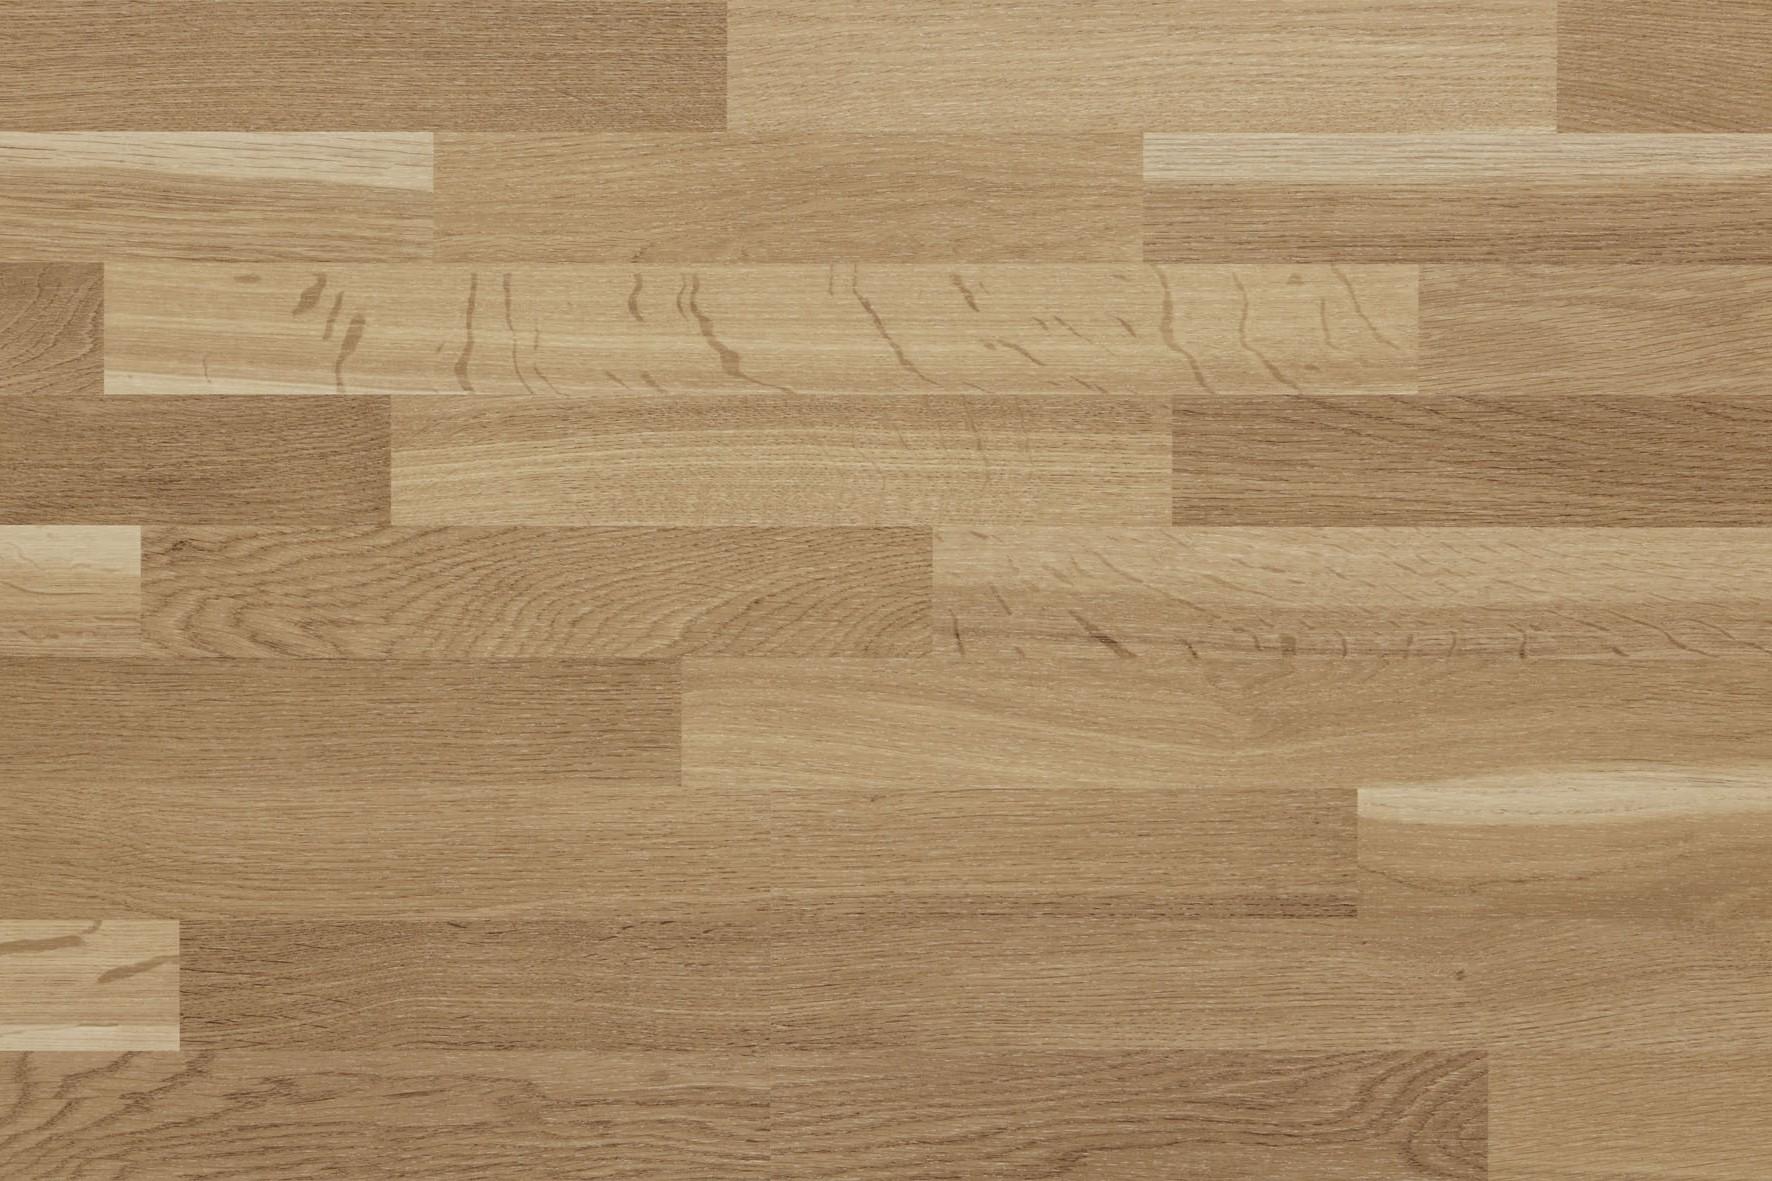 ihre experten f r bodenbel ge in solothurn nussbaumer raum ag nussbaumer. Black Bedroom Furniture Sets. Home Design Ideas